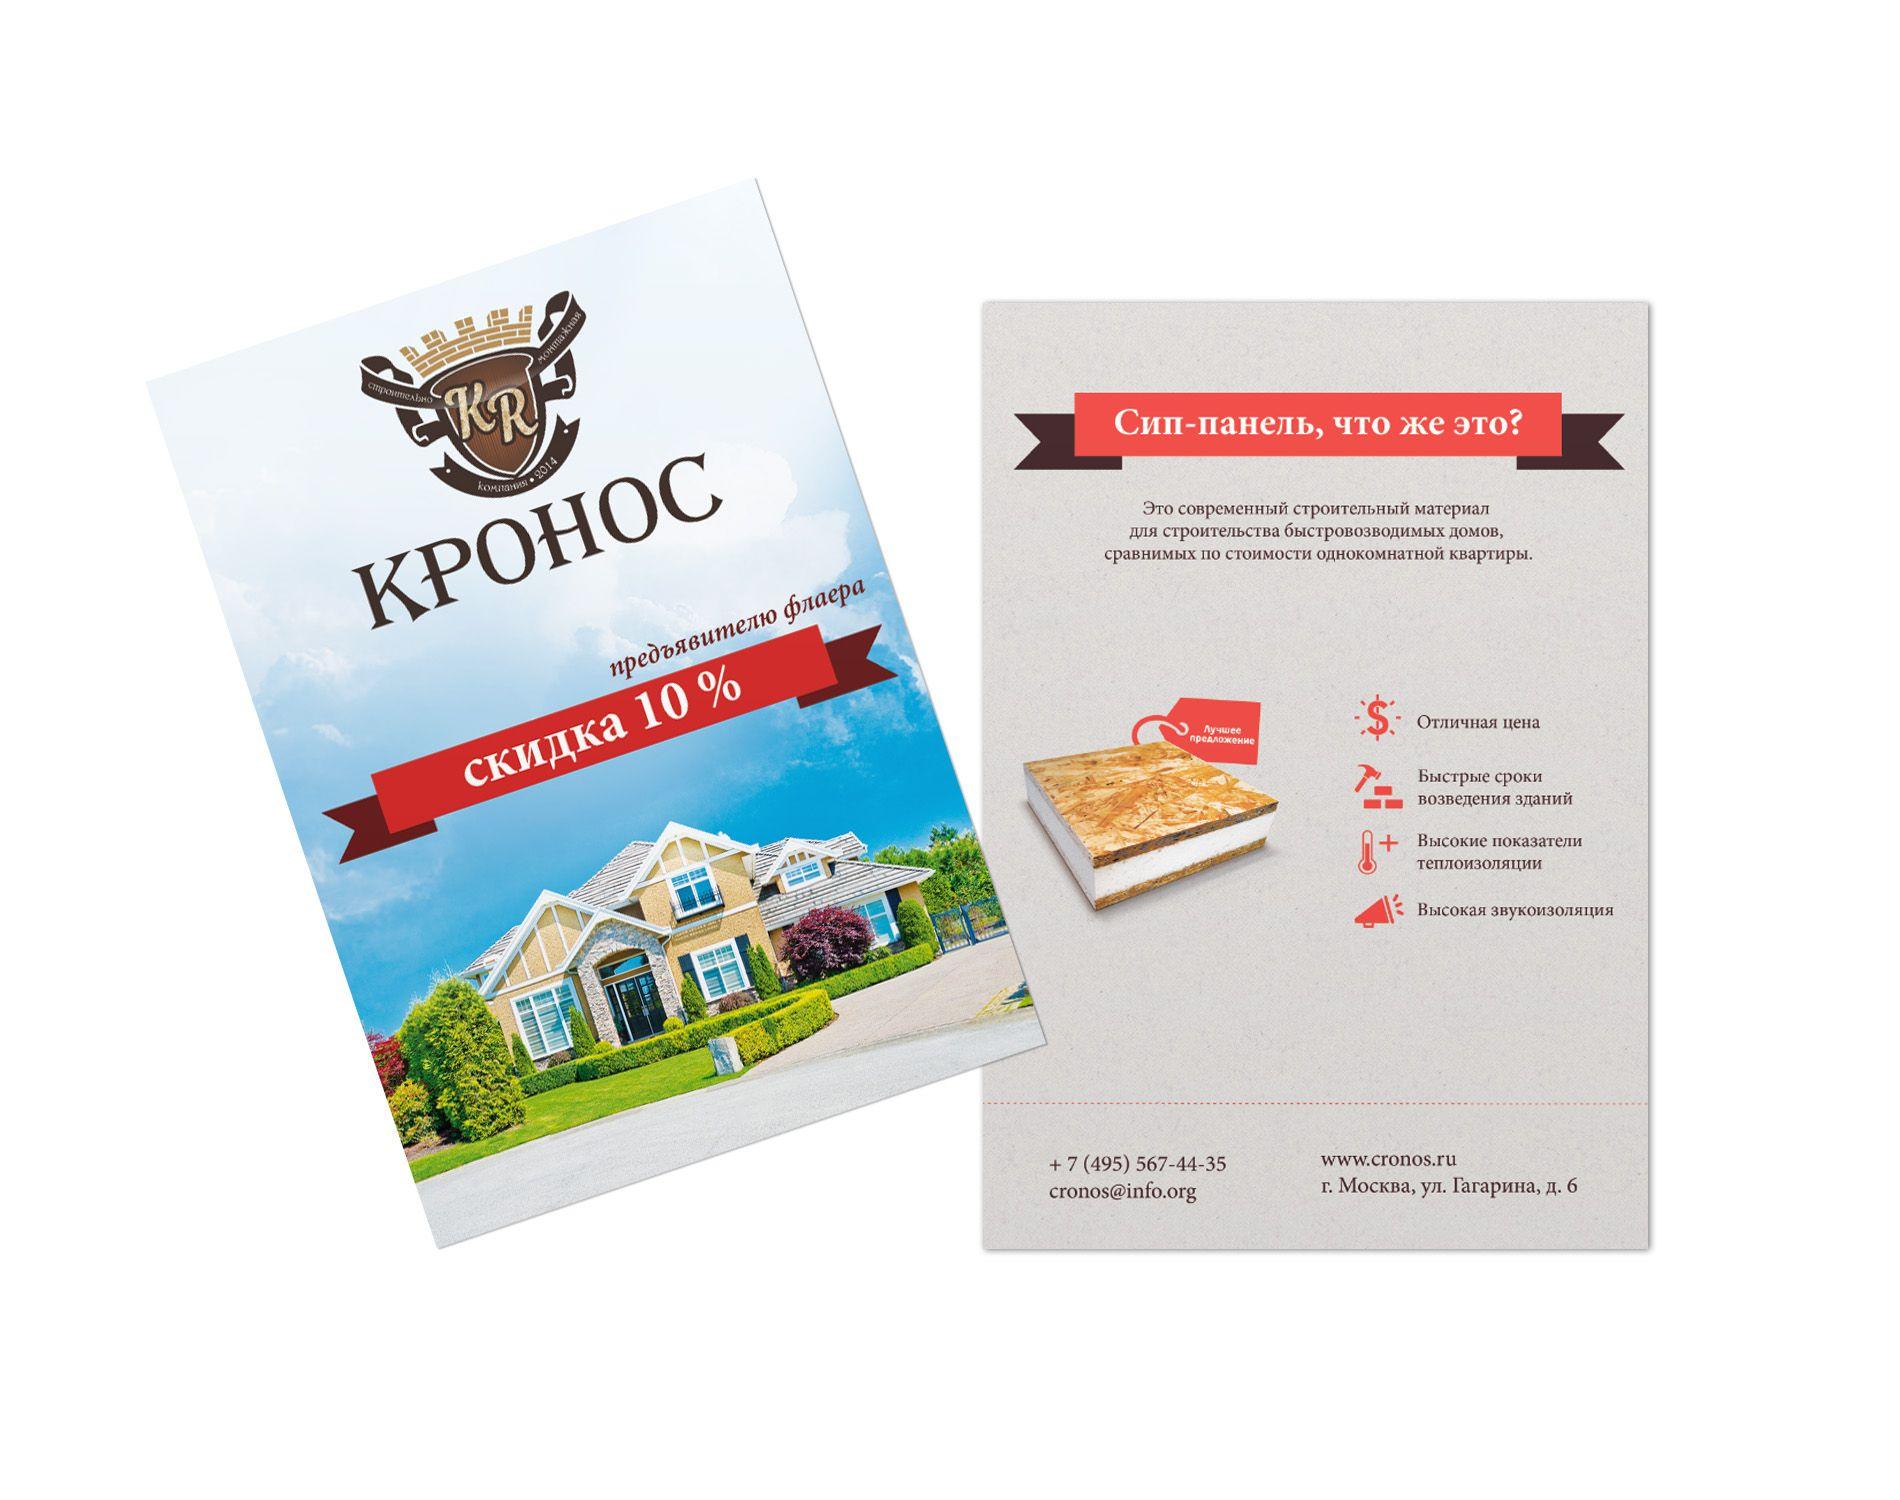 Дизайн листовки для рекламы строительной компании - дизайнер Lyuba13